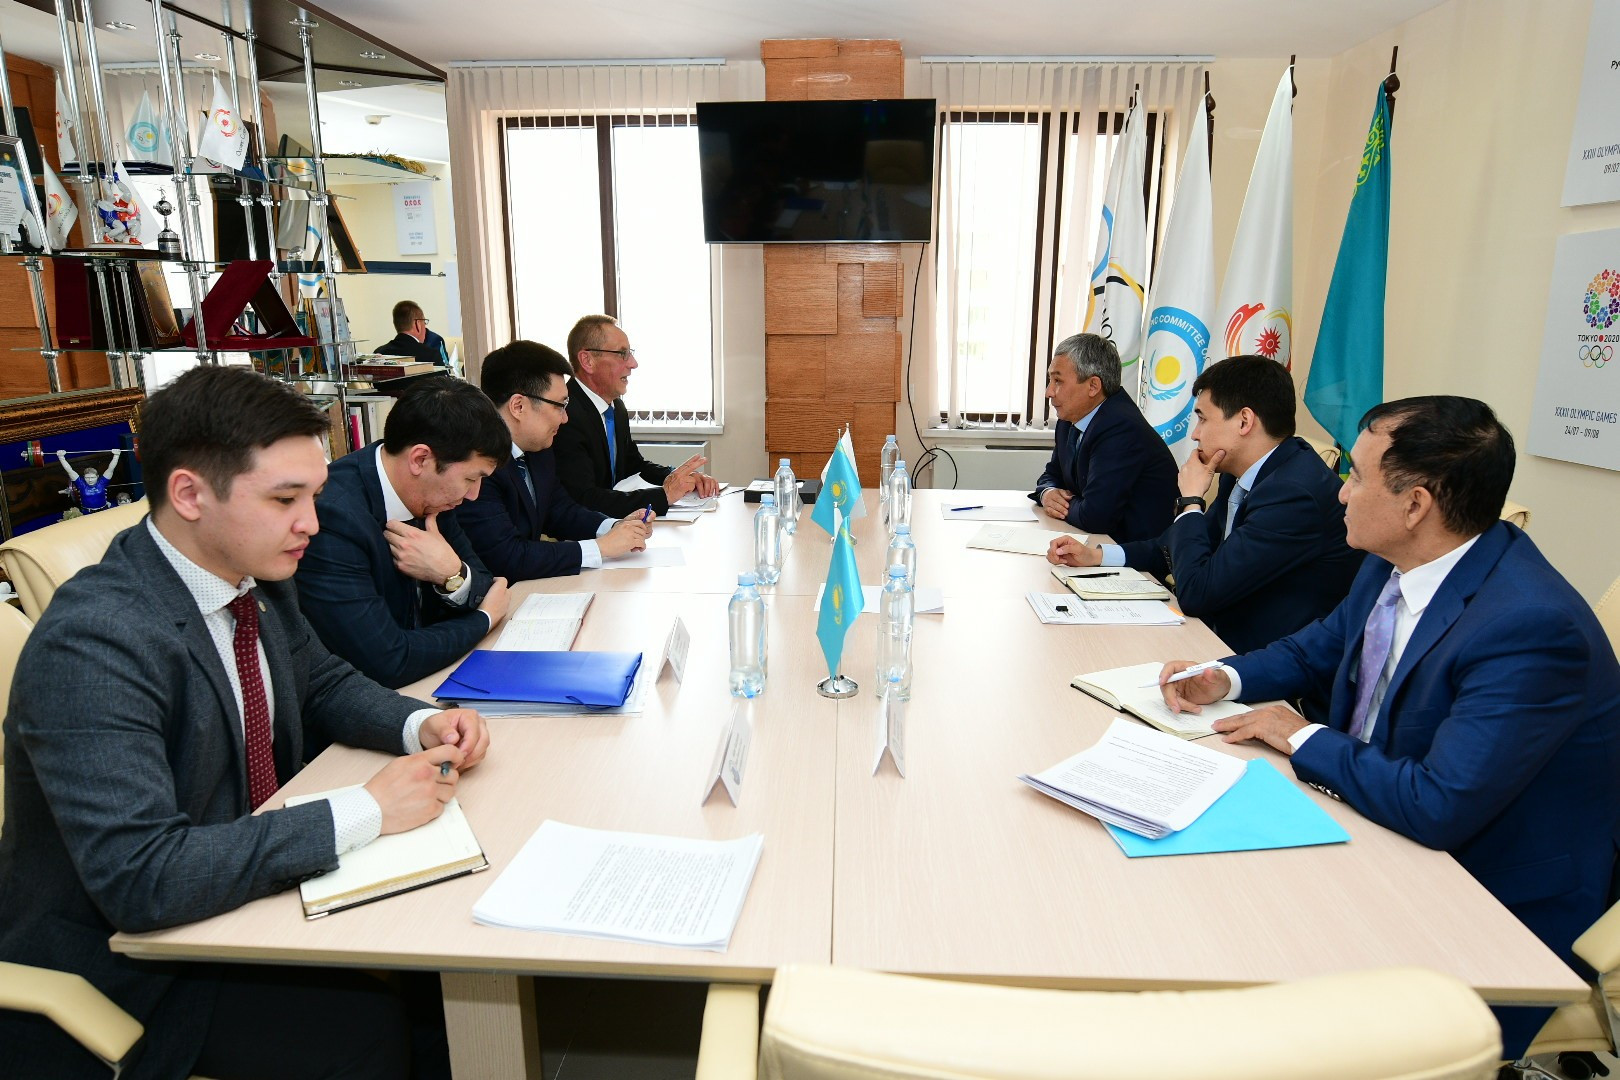 Вопросы развития гребли на байдарках и каноэ в Казахстане обсудили в Нур-Султане